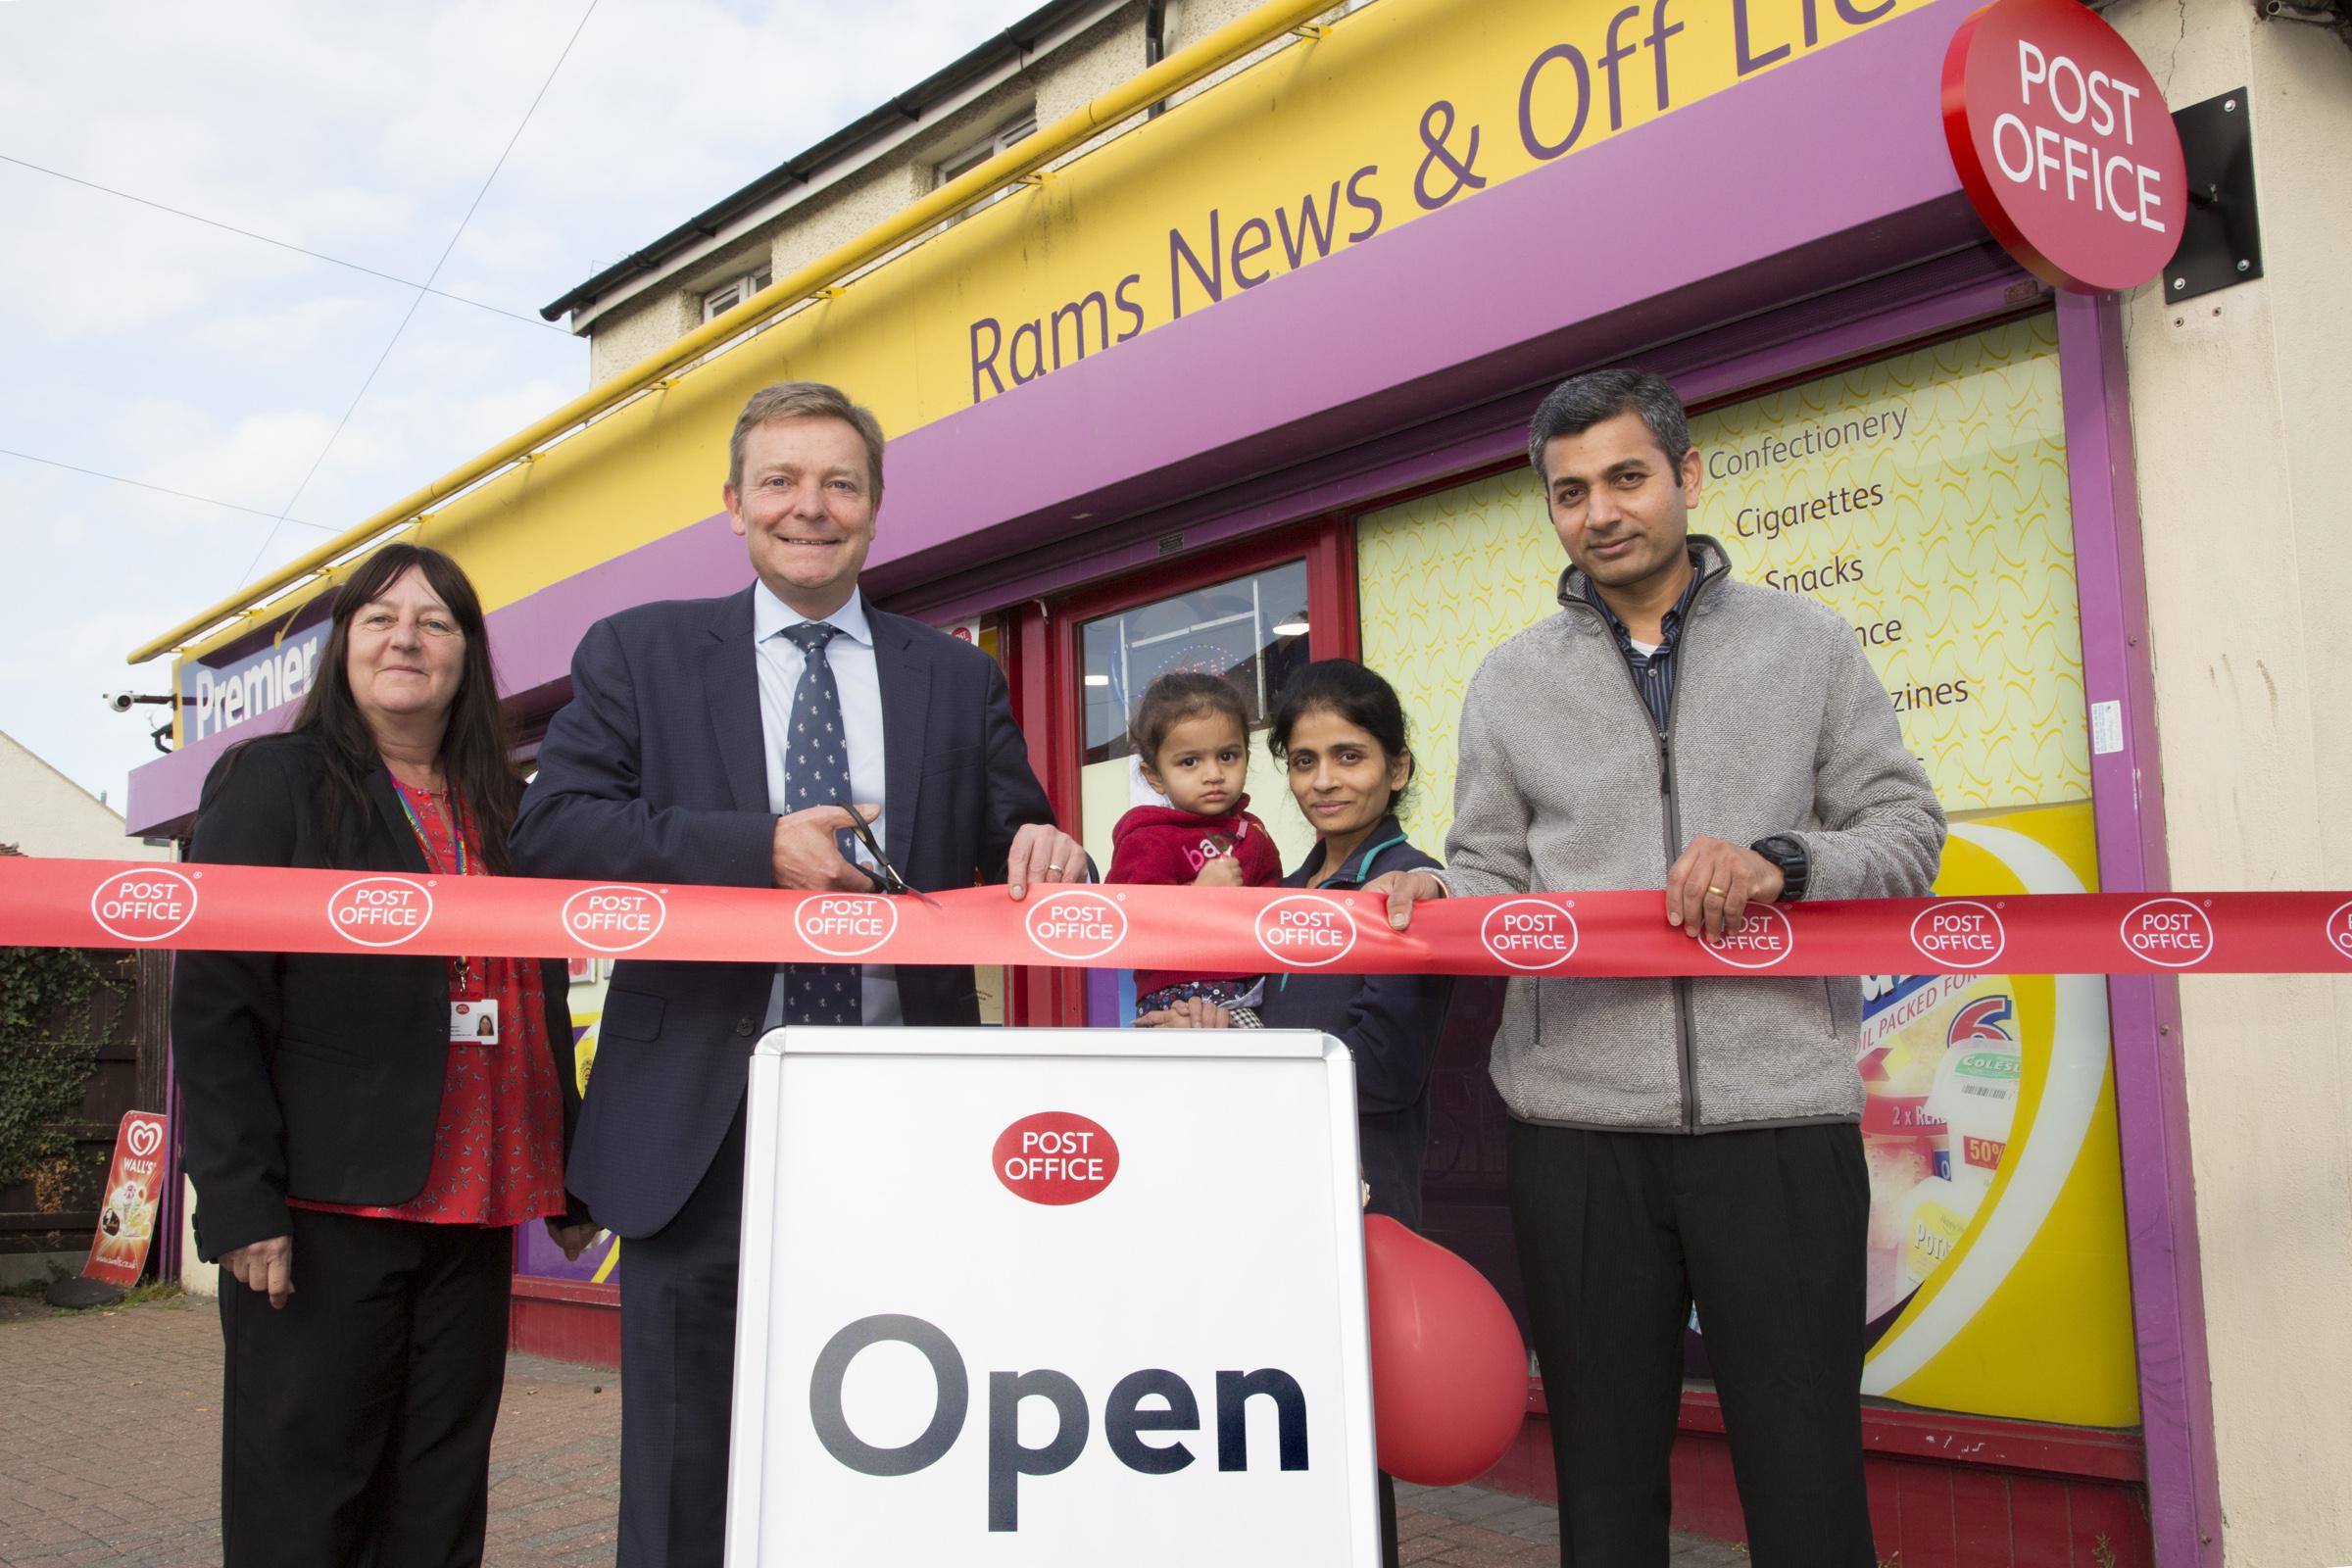 CM at Newington Post Office Ramsgate cut ribbon Oct18.jpg